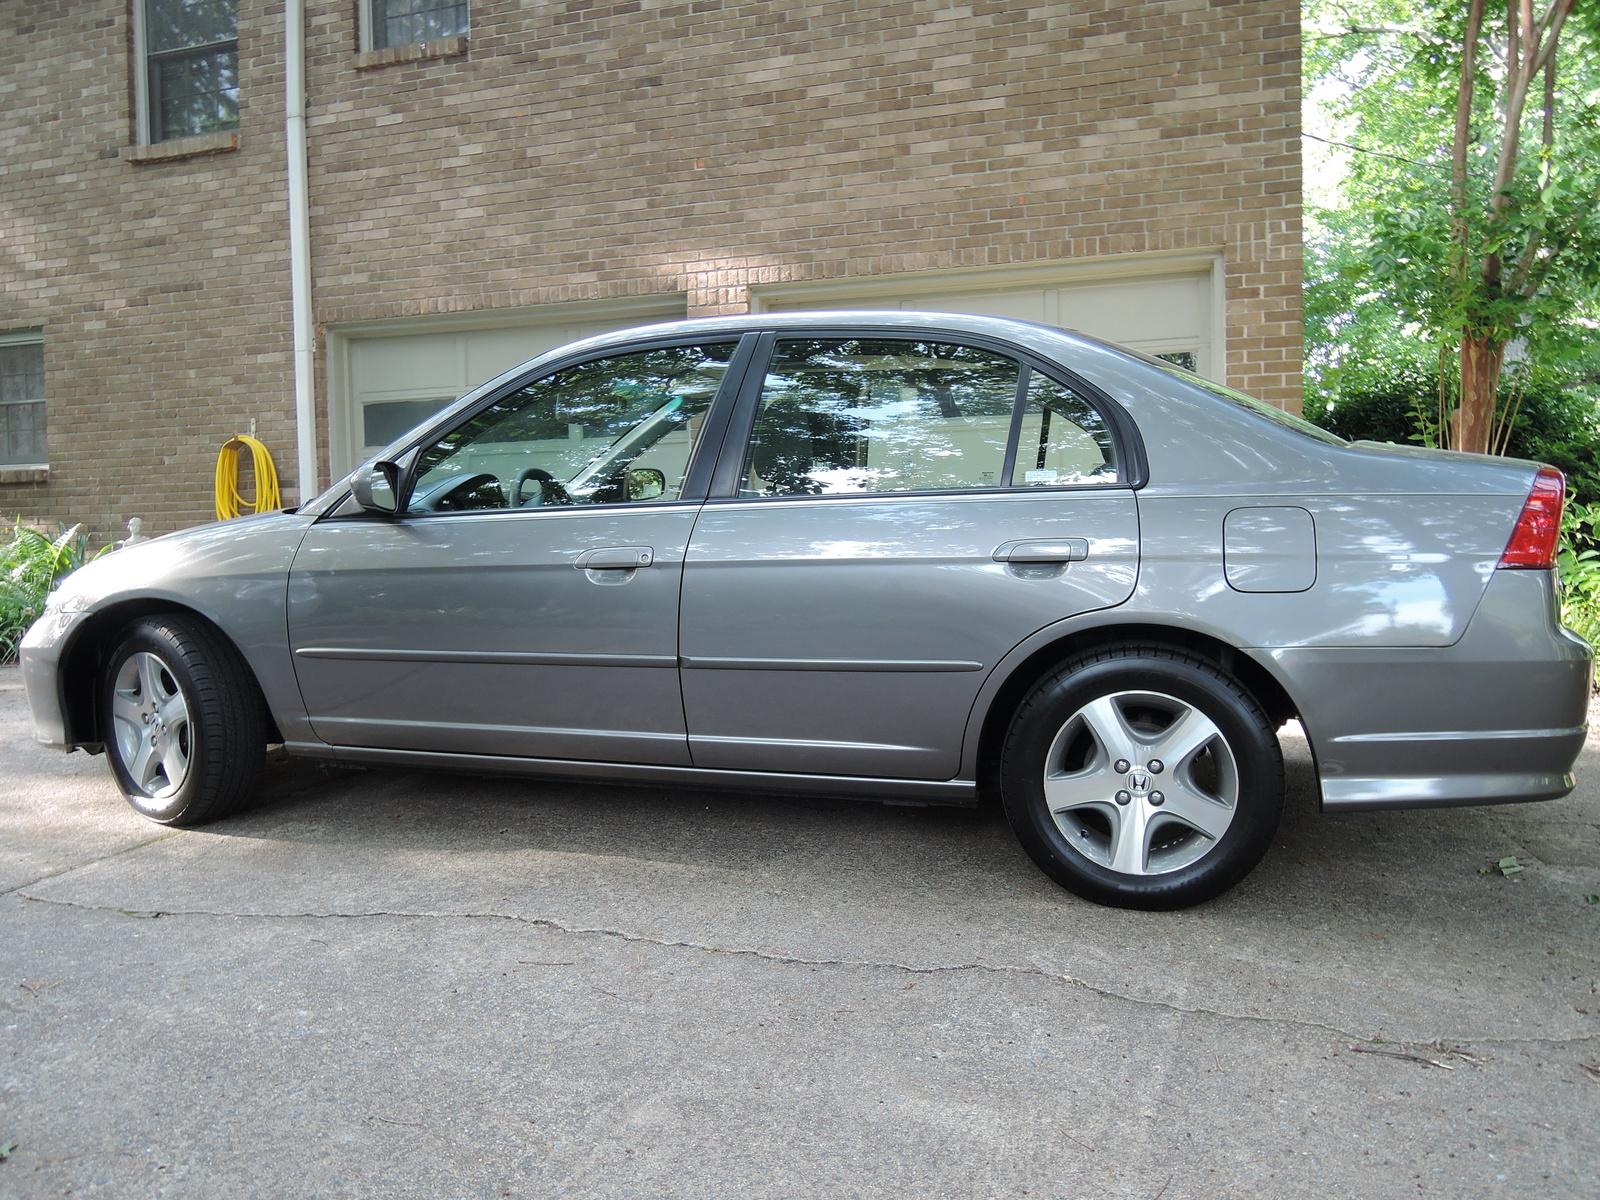 2005 Honda Civic - Pictures - CarGurus